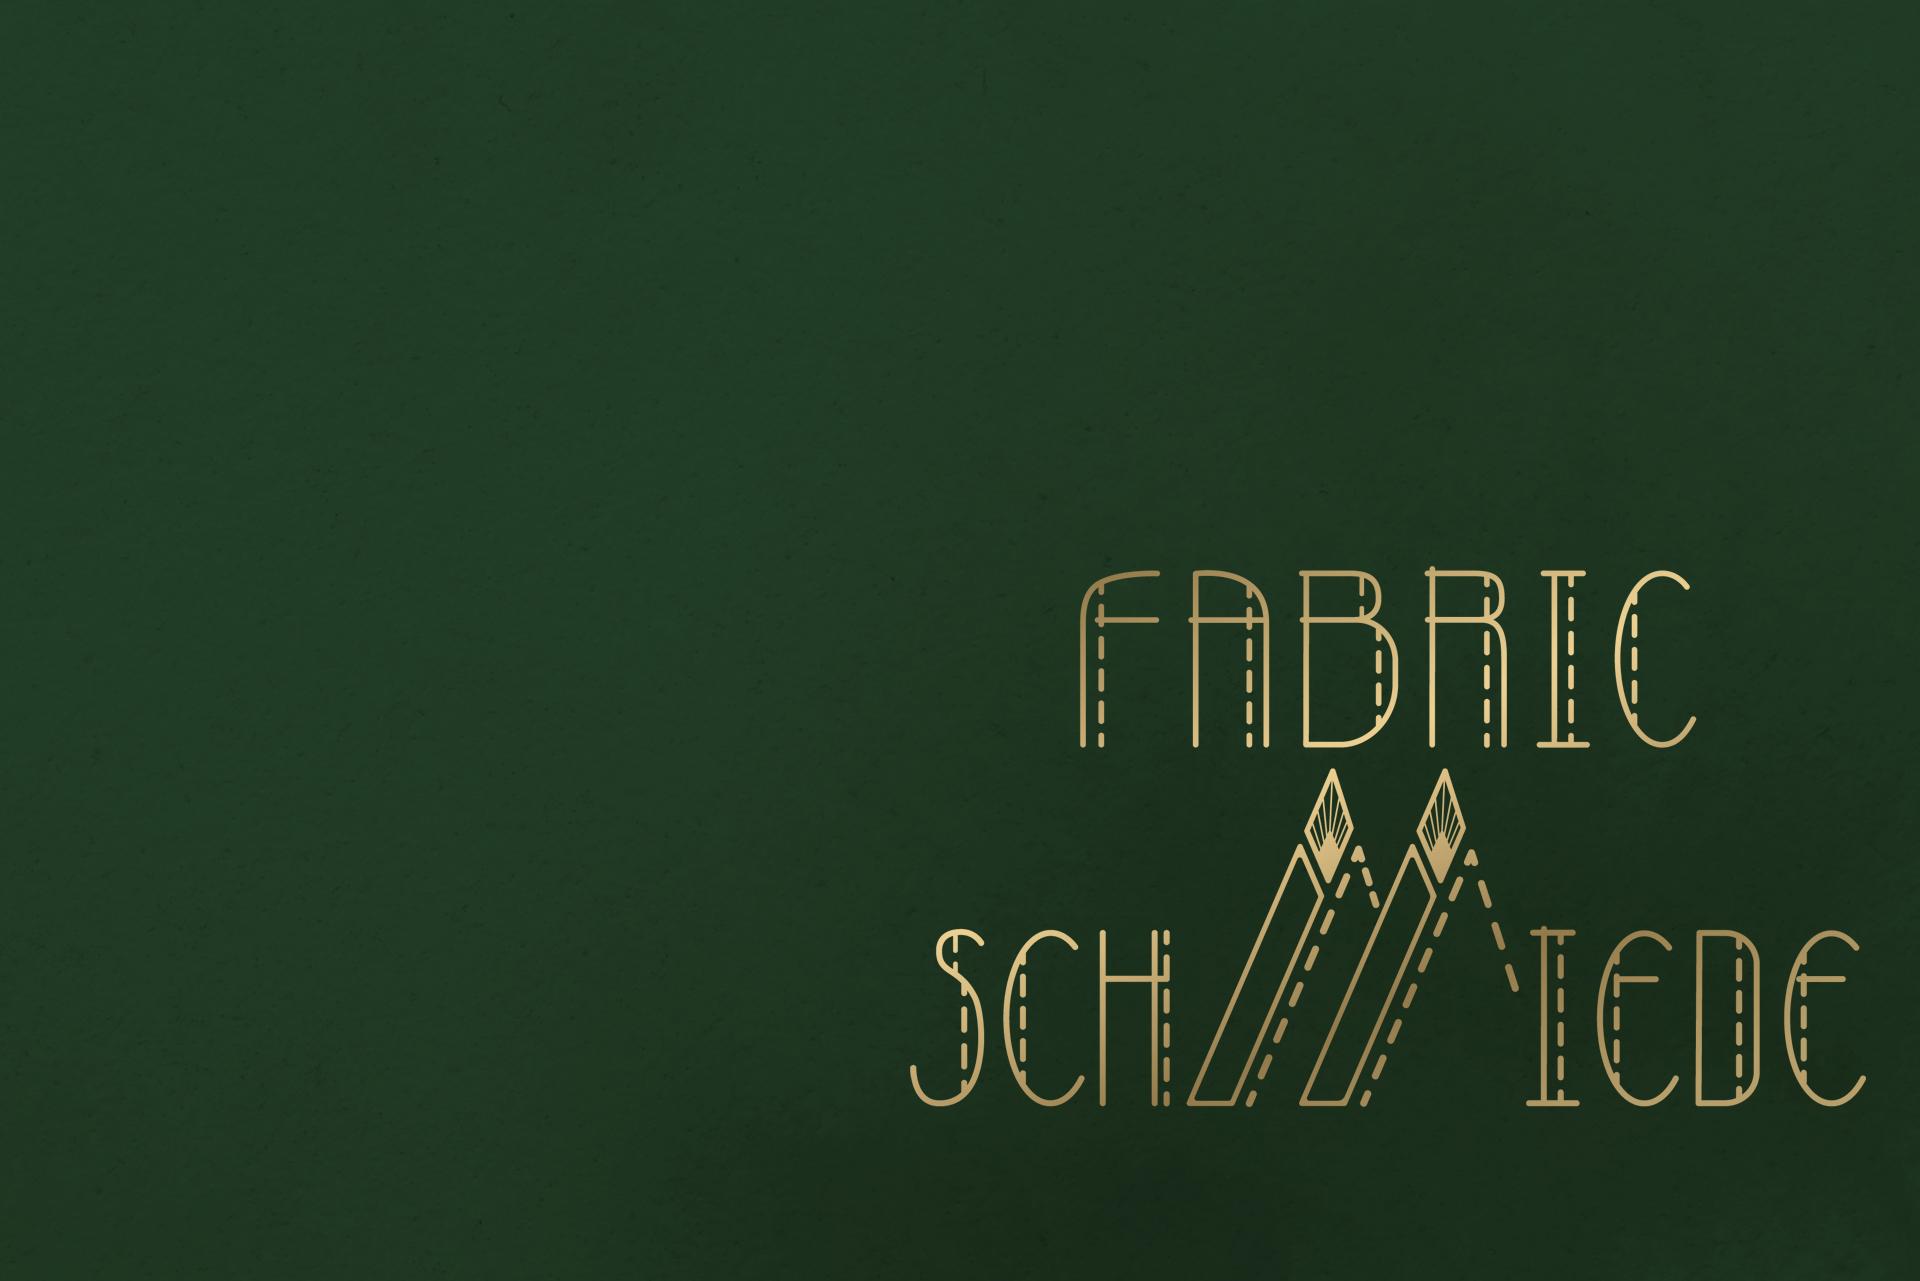 Fabric <br>Schmiede